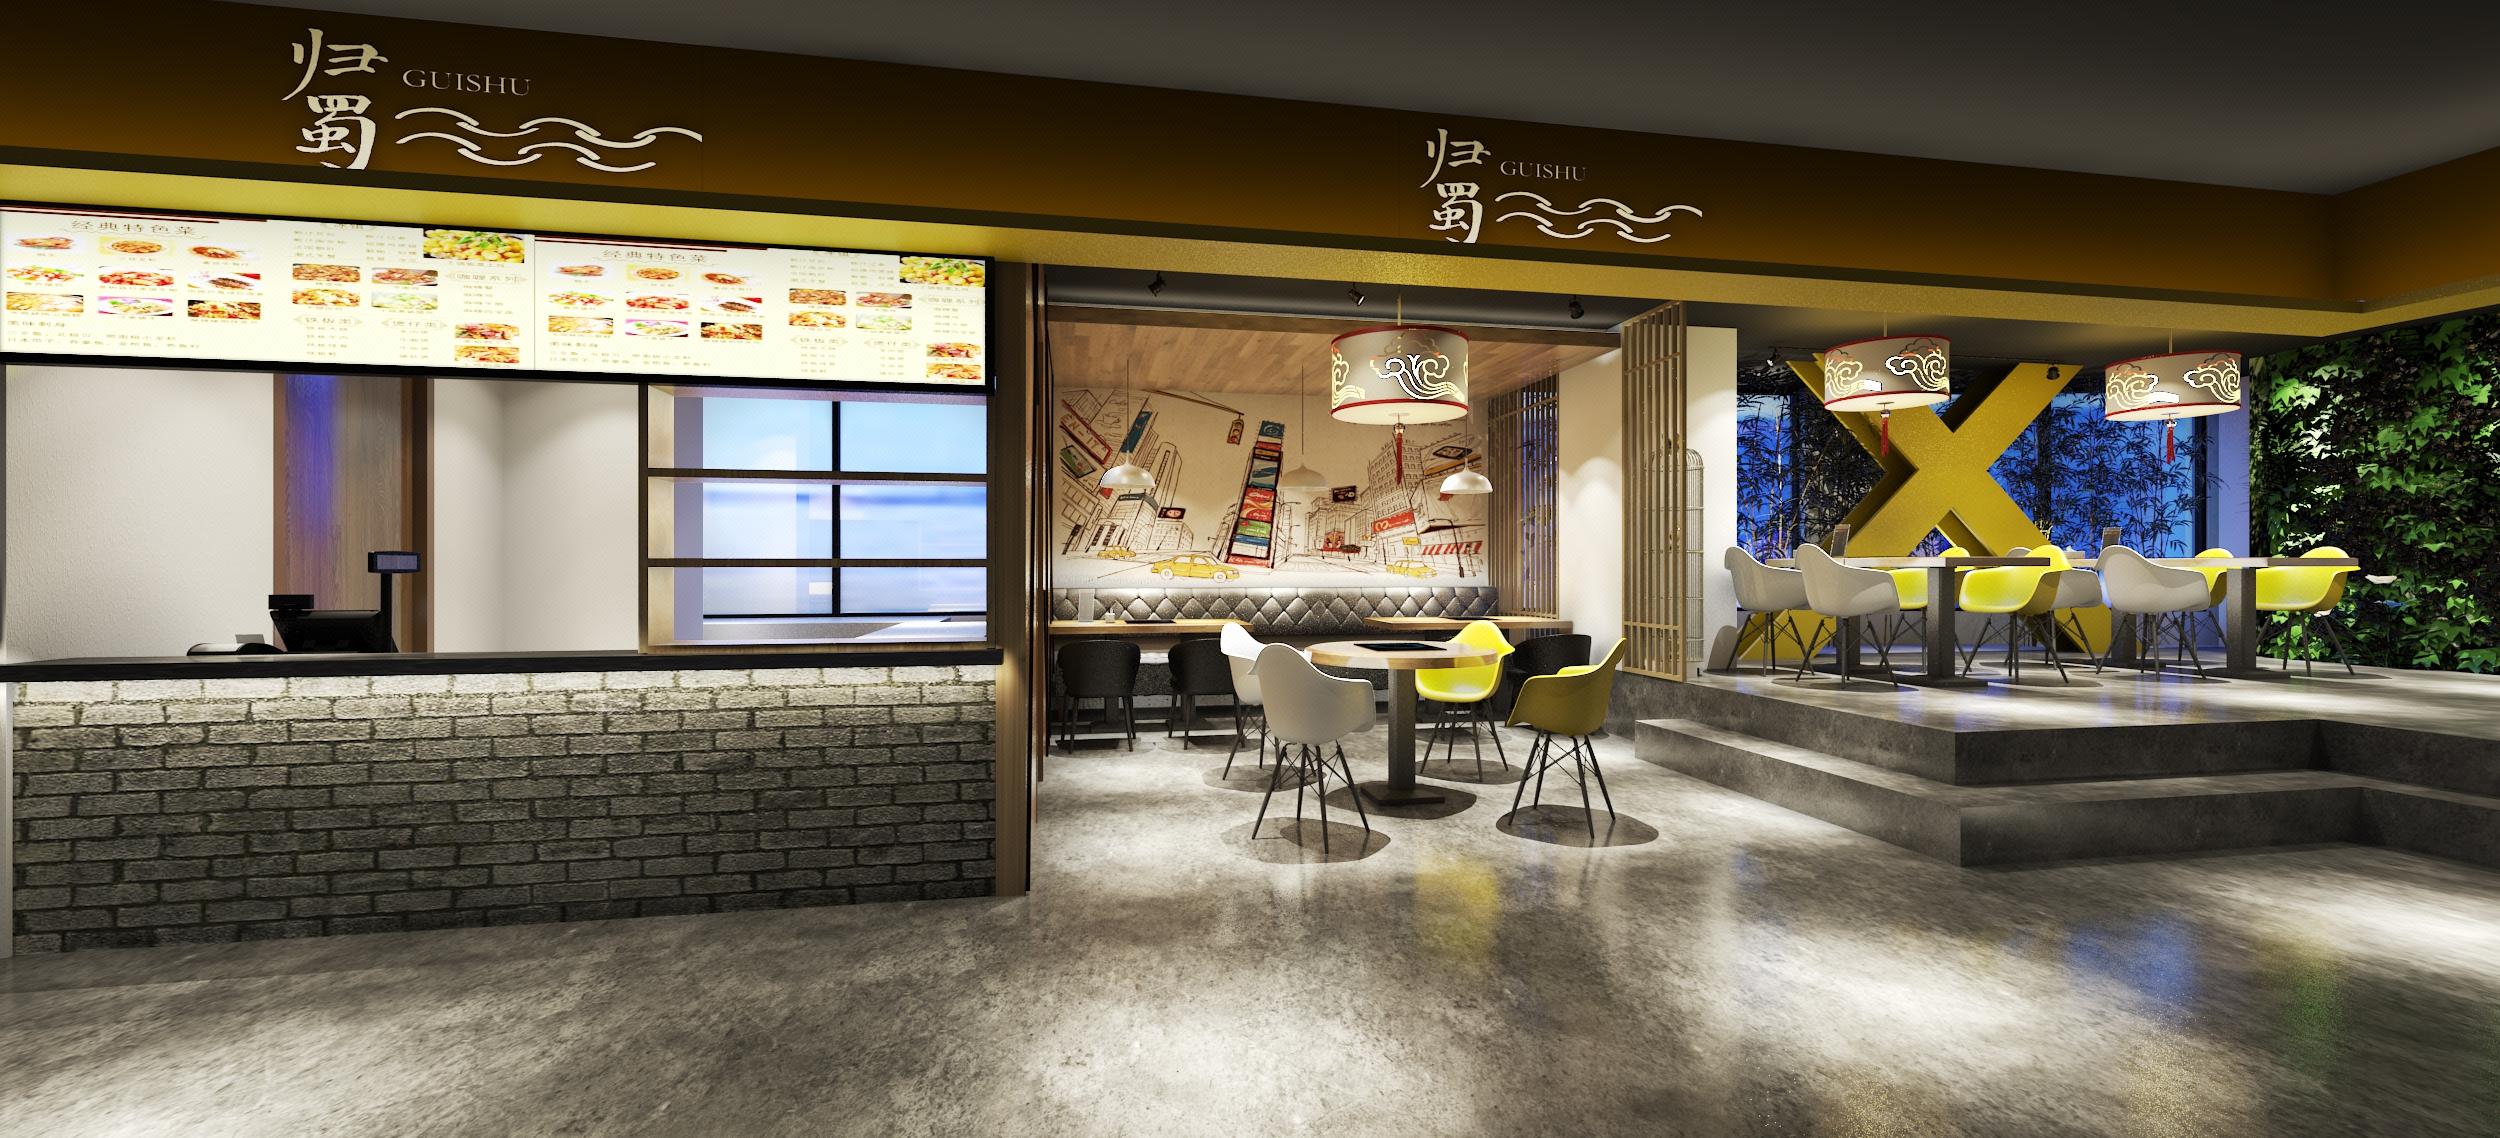 餐饮设计/美食广场/中西式餐馆/火锅店/咖啡馆茶室店铺设计